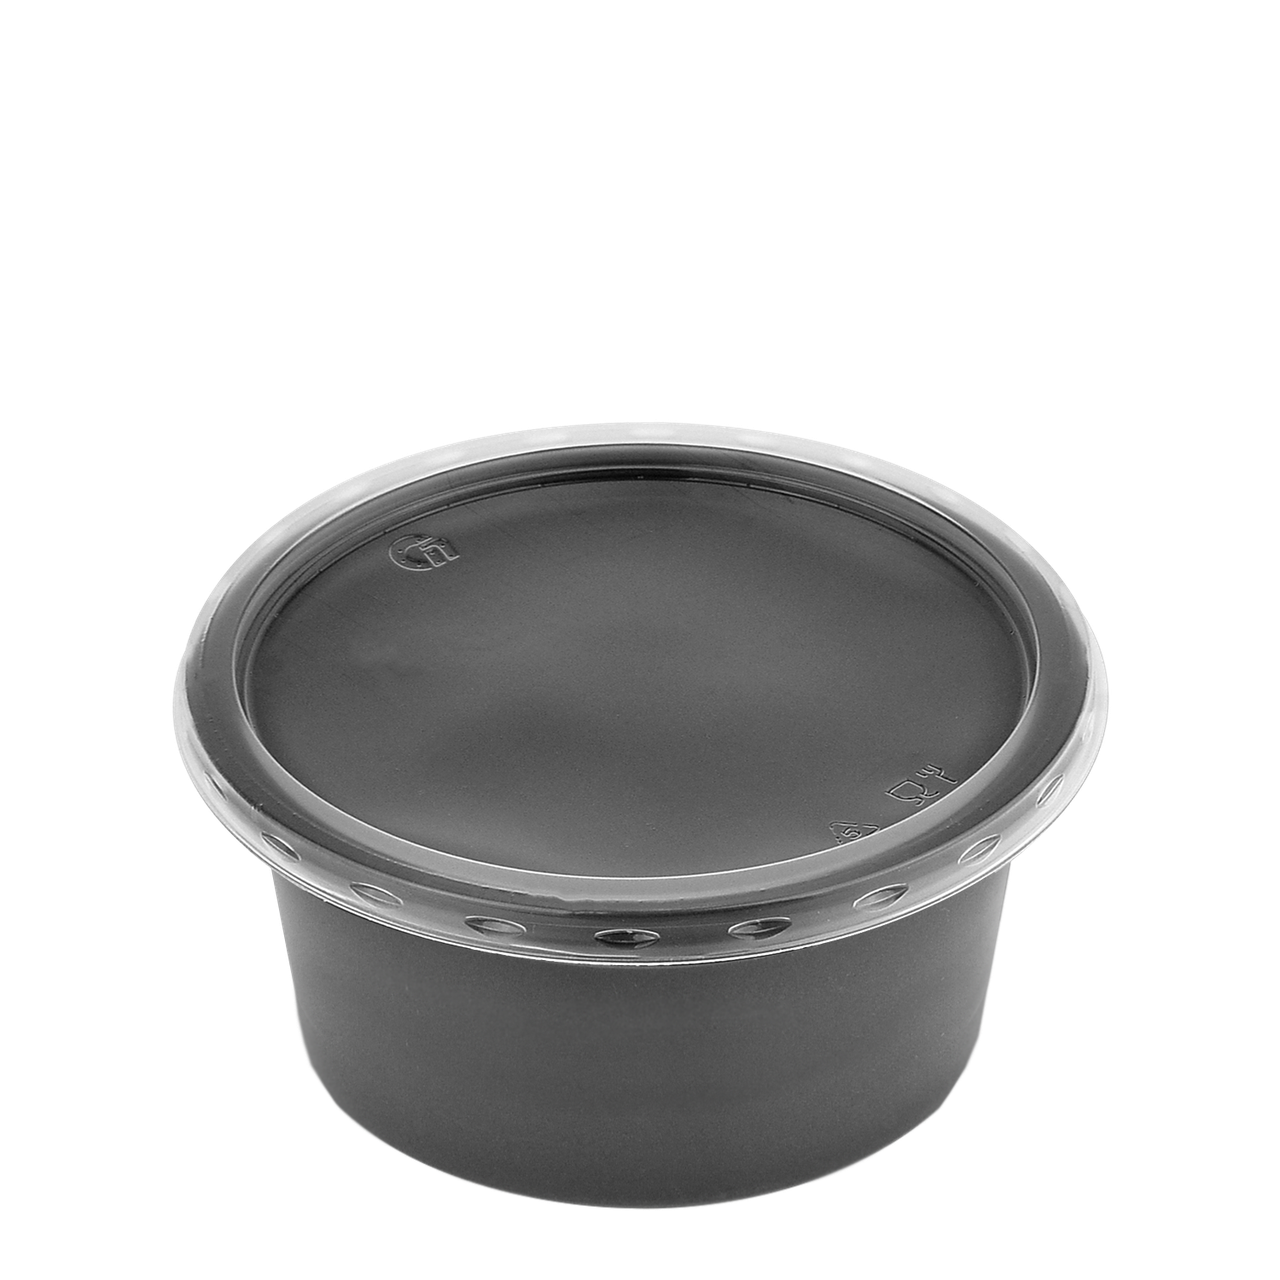 Супник с крышкой черный 500 мл для холод/гор.блюд 115К (разогрев в СВЧ),(50 шт в уп.)